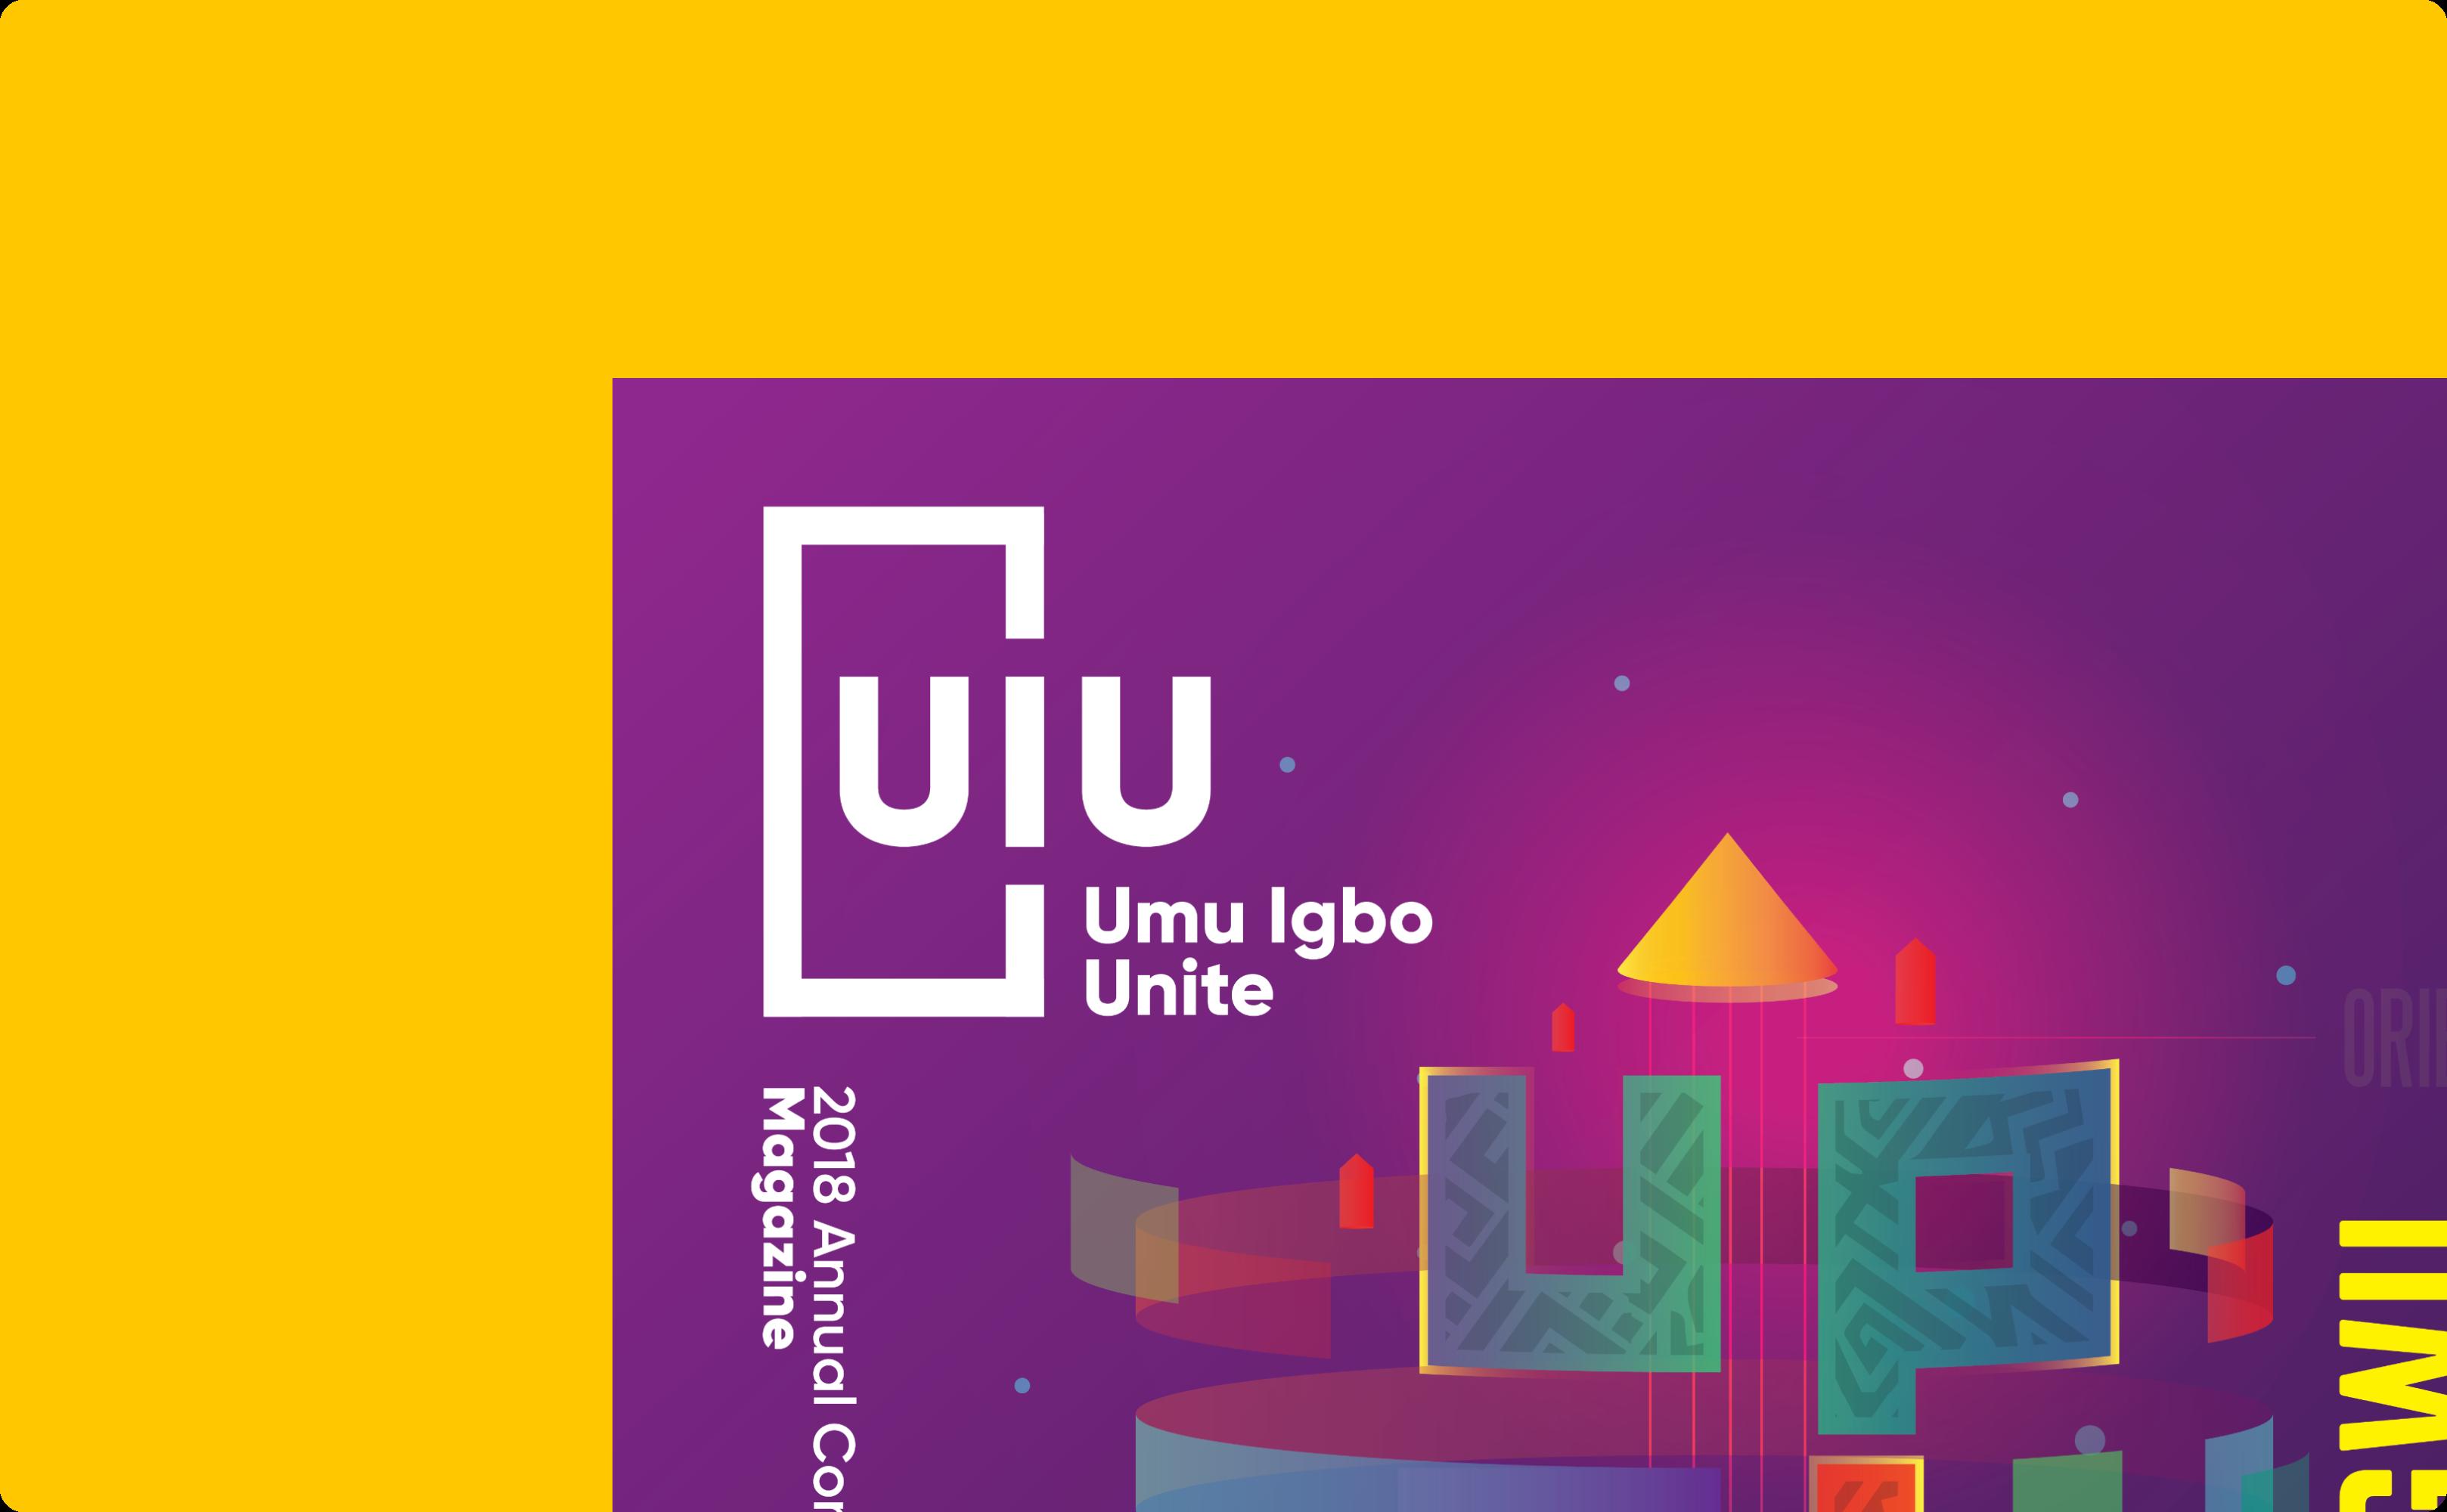 Umu Igbo Unite